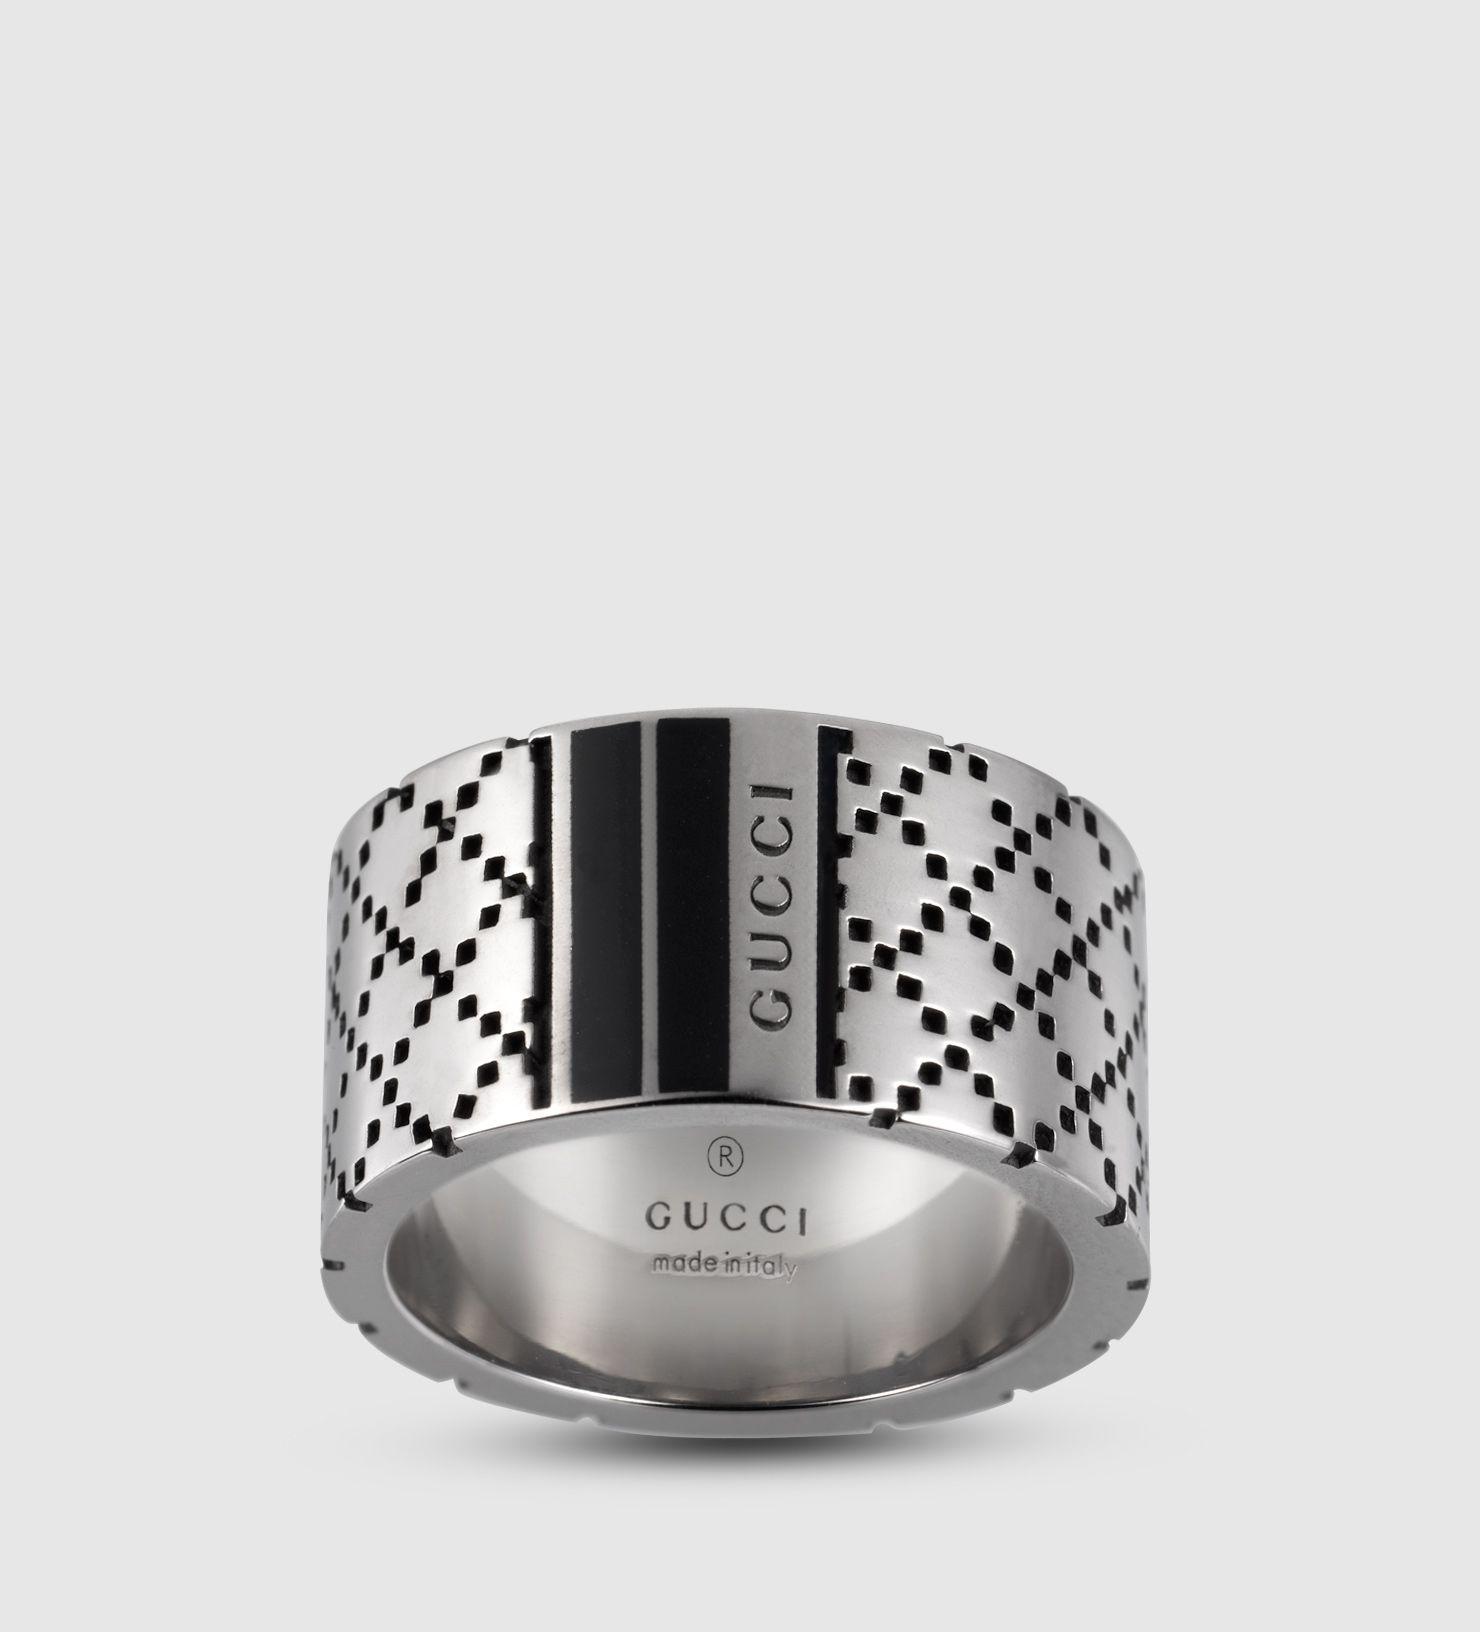 Gucci - Anello diamantissima in argento (modello grande)  5deccf30af7b